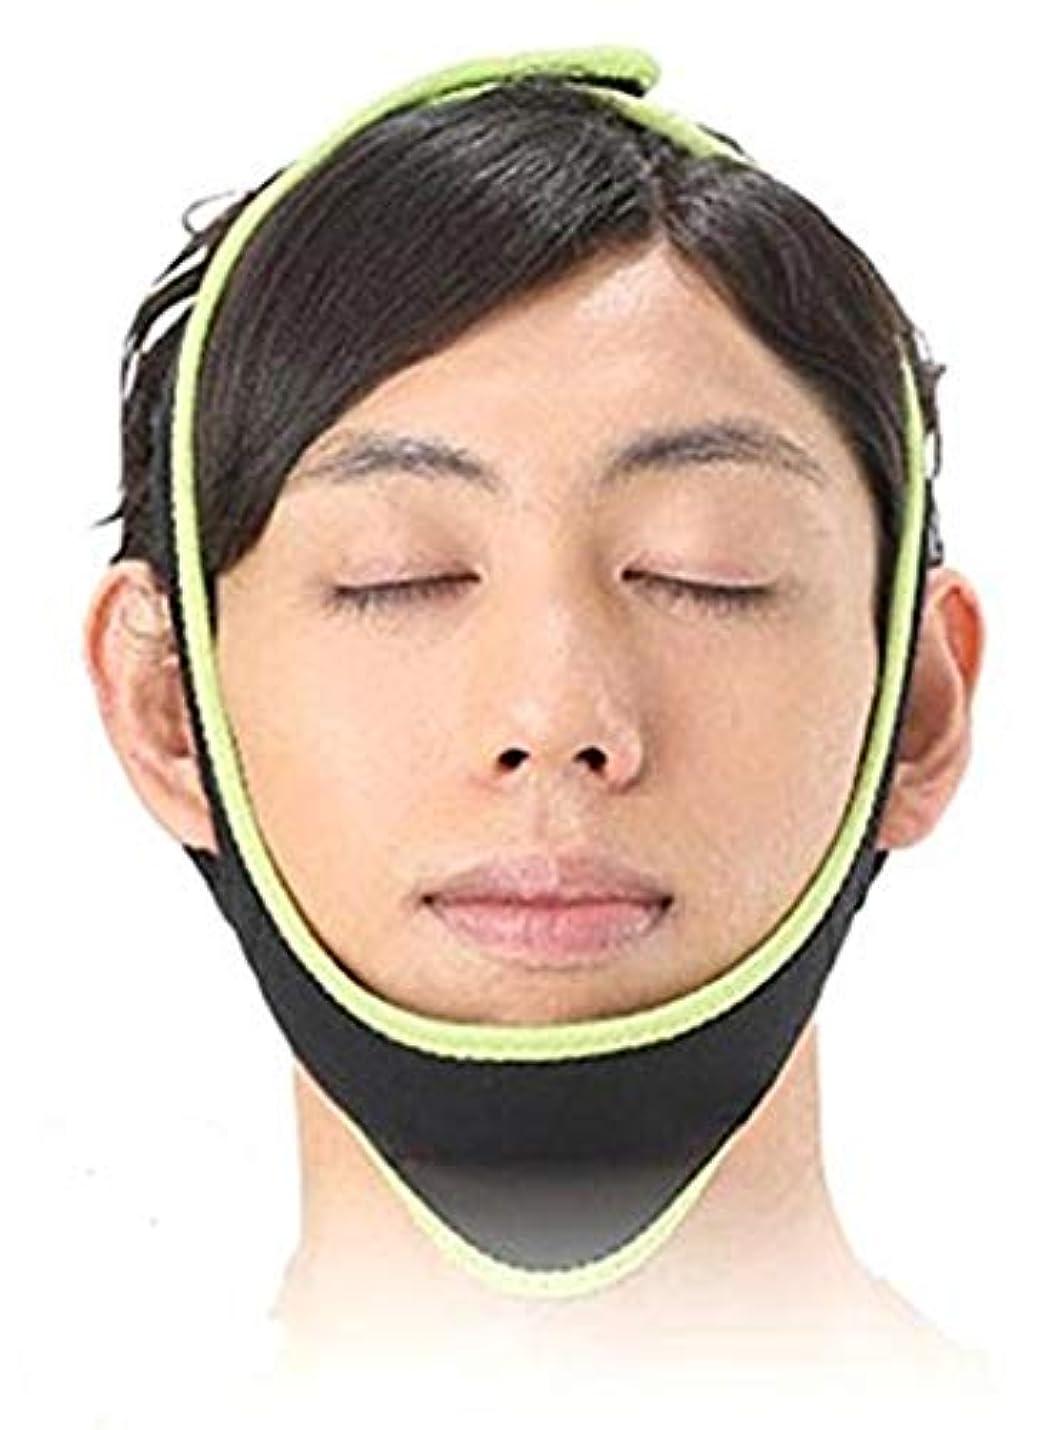 冷酷な相互接続チャップCREPUSCOLO 小顔へ! 小顔リフトアップ ベルト 小顔マスク 小顔コルセット 小顔矯正 美容グッズ 美顔器 メンズ